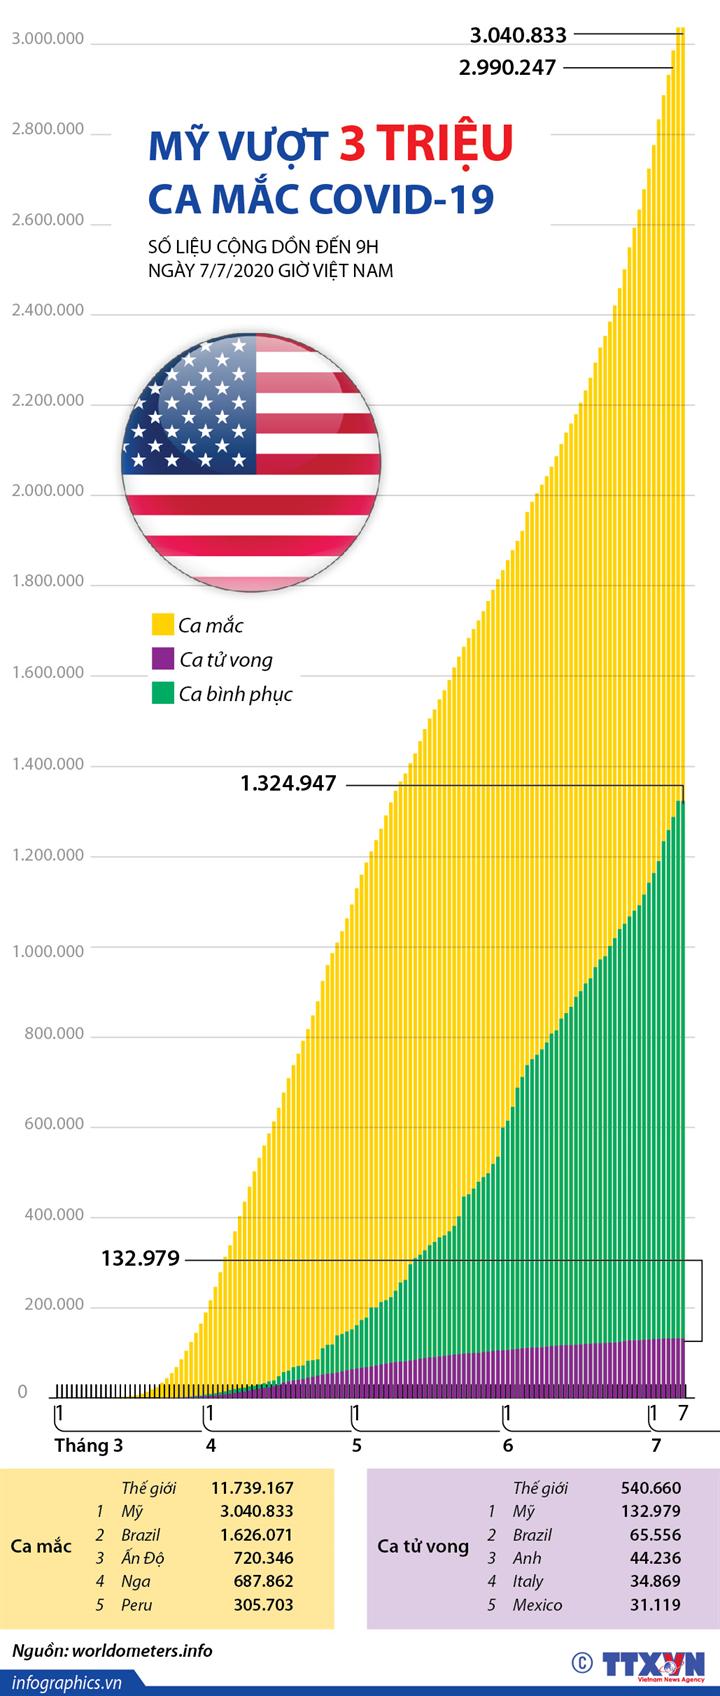 Mỹ vượt 3 triệu ca mắc COVID-19  (đến 9h ngày 7/7/2020 giờ Việt Nam)